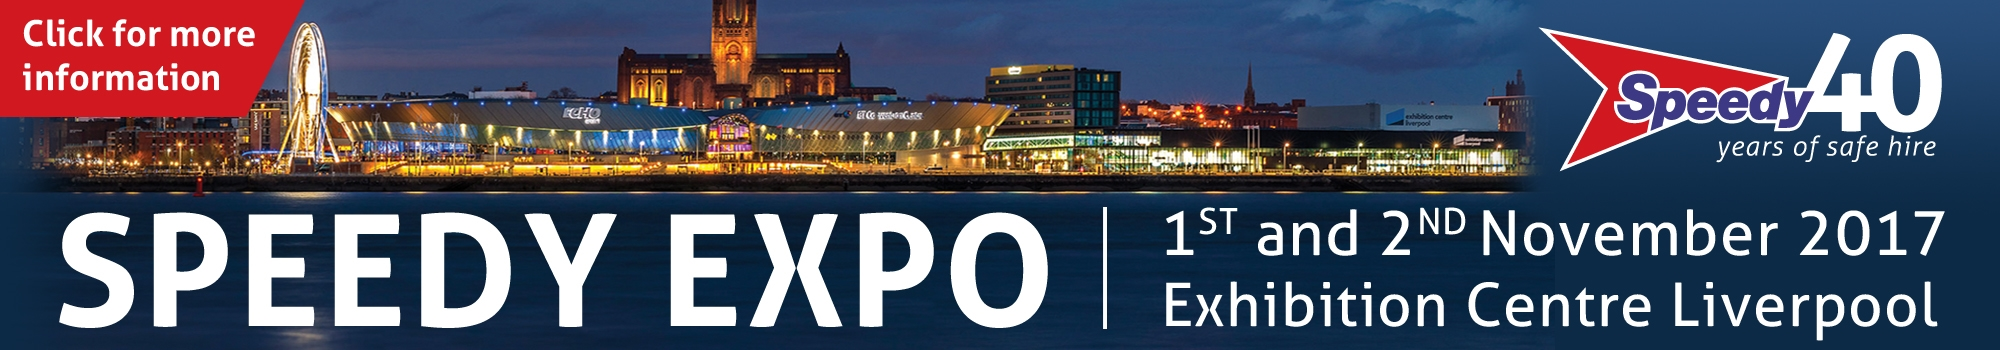 Expo Banner.jpg